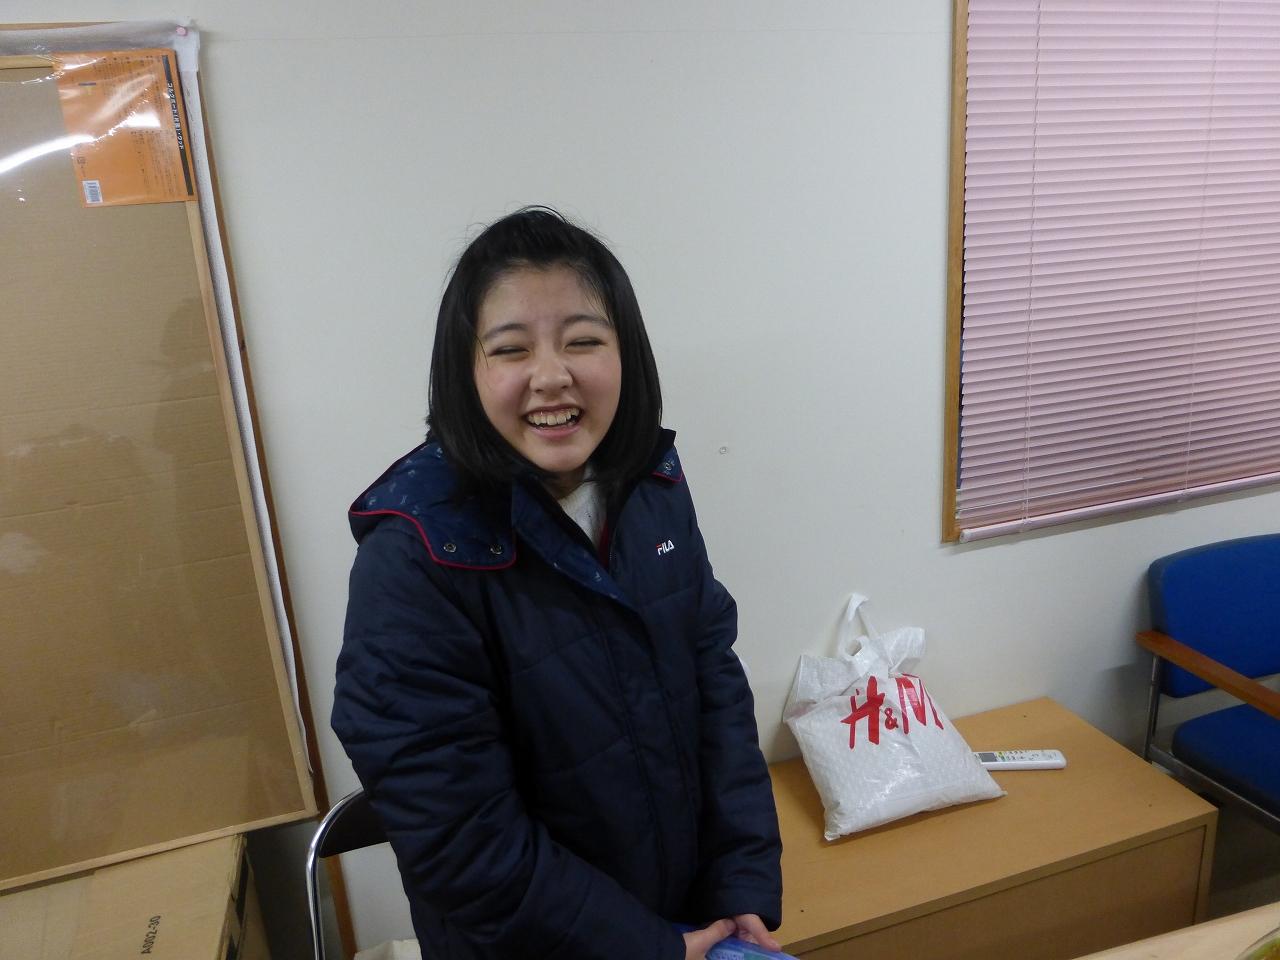 イベント終了後、この日大胆にしりで餅をついた上田氏・・・笑いが止まりません(理子)